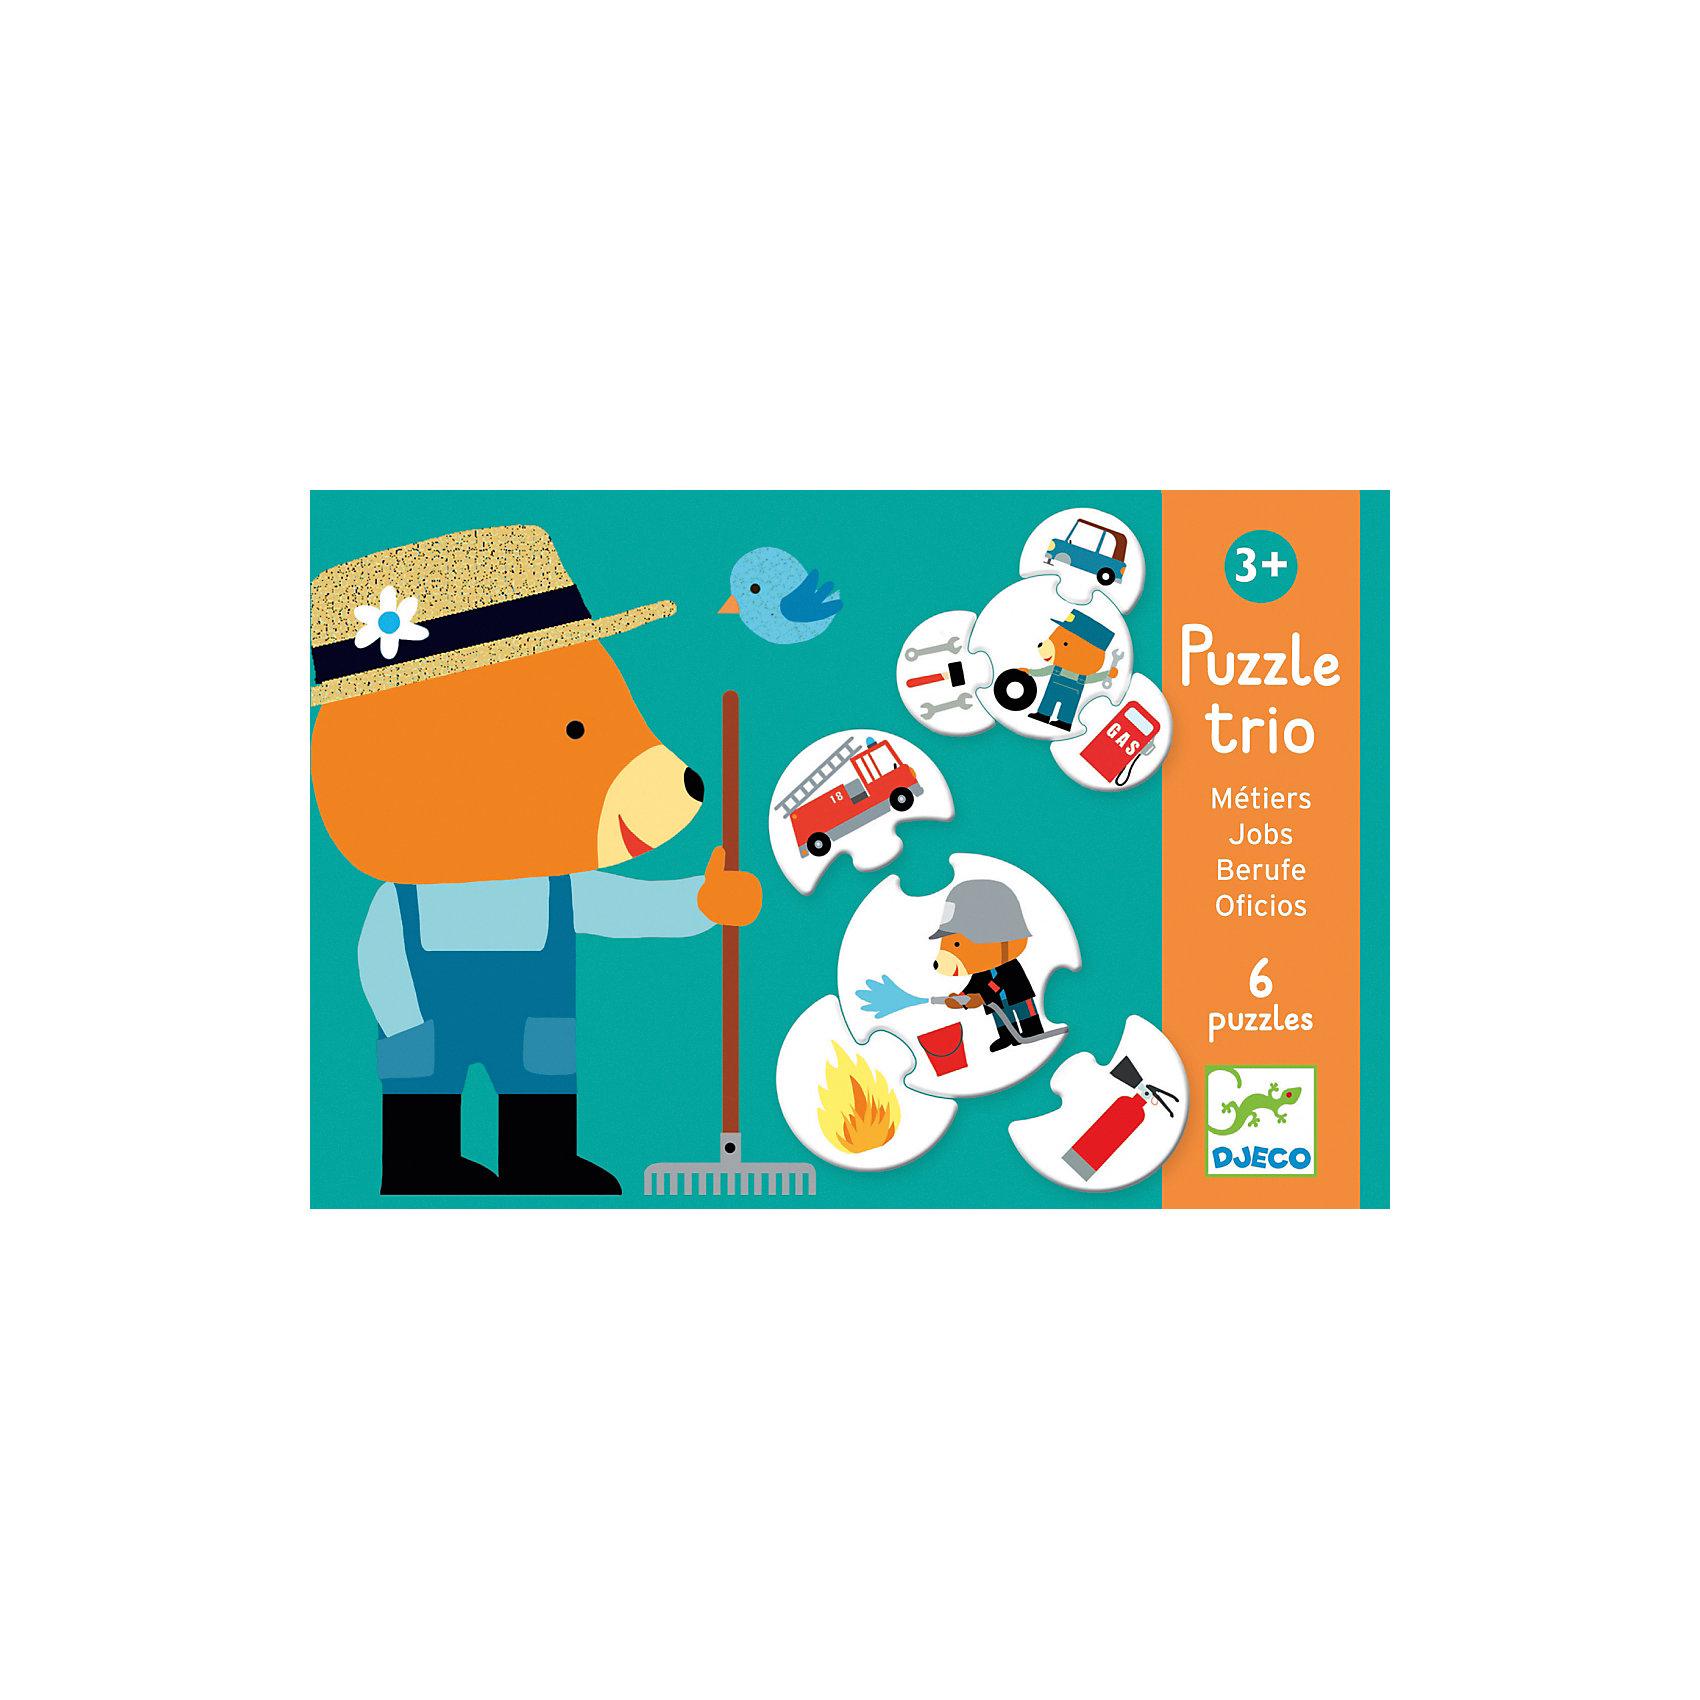 DJECO Игра - пазл Профессии, DJECO спортивный инвентарь djeco игра резиночка зайчик page 6